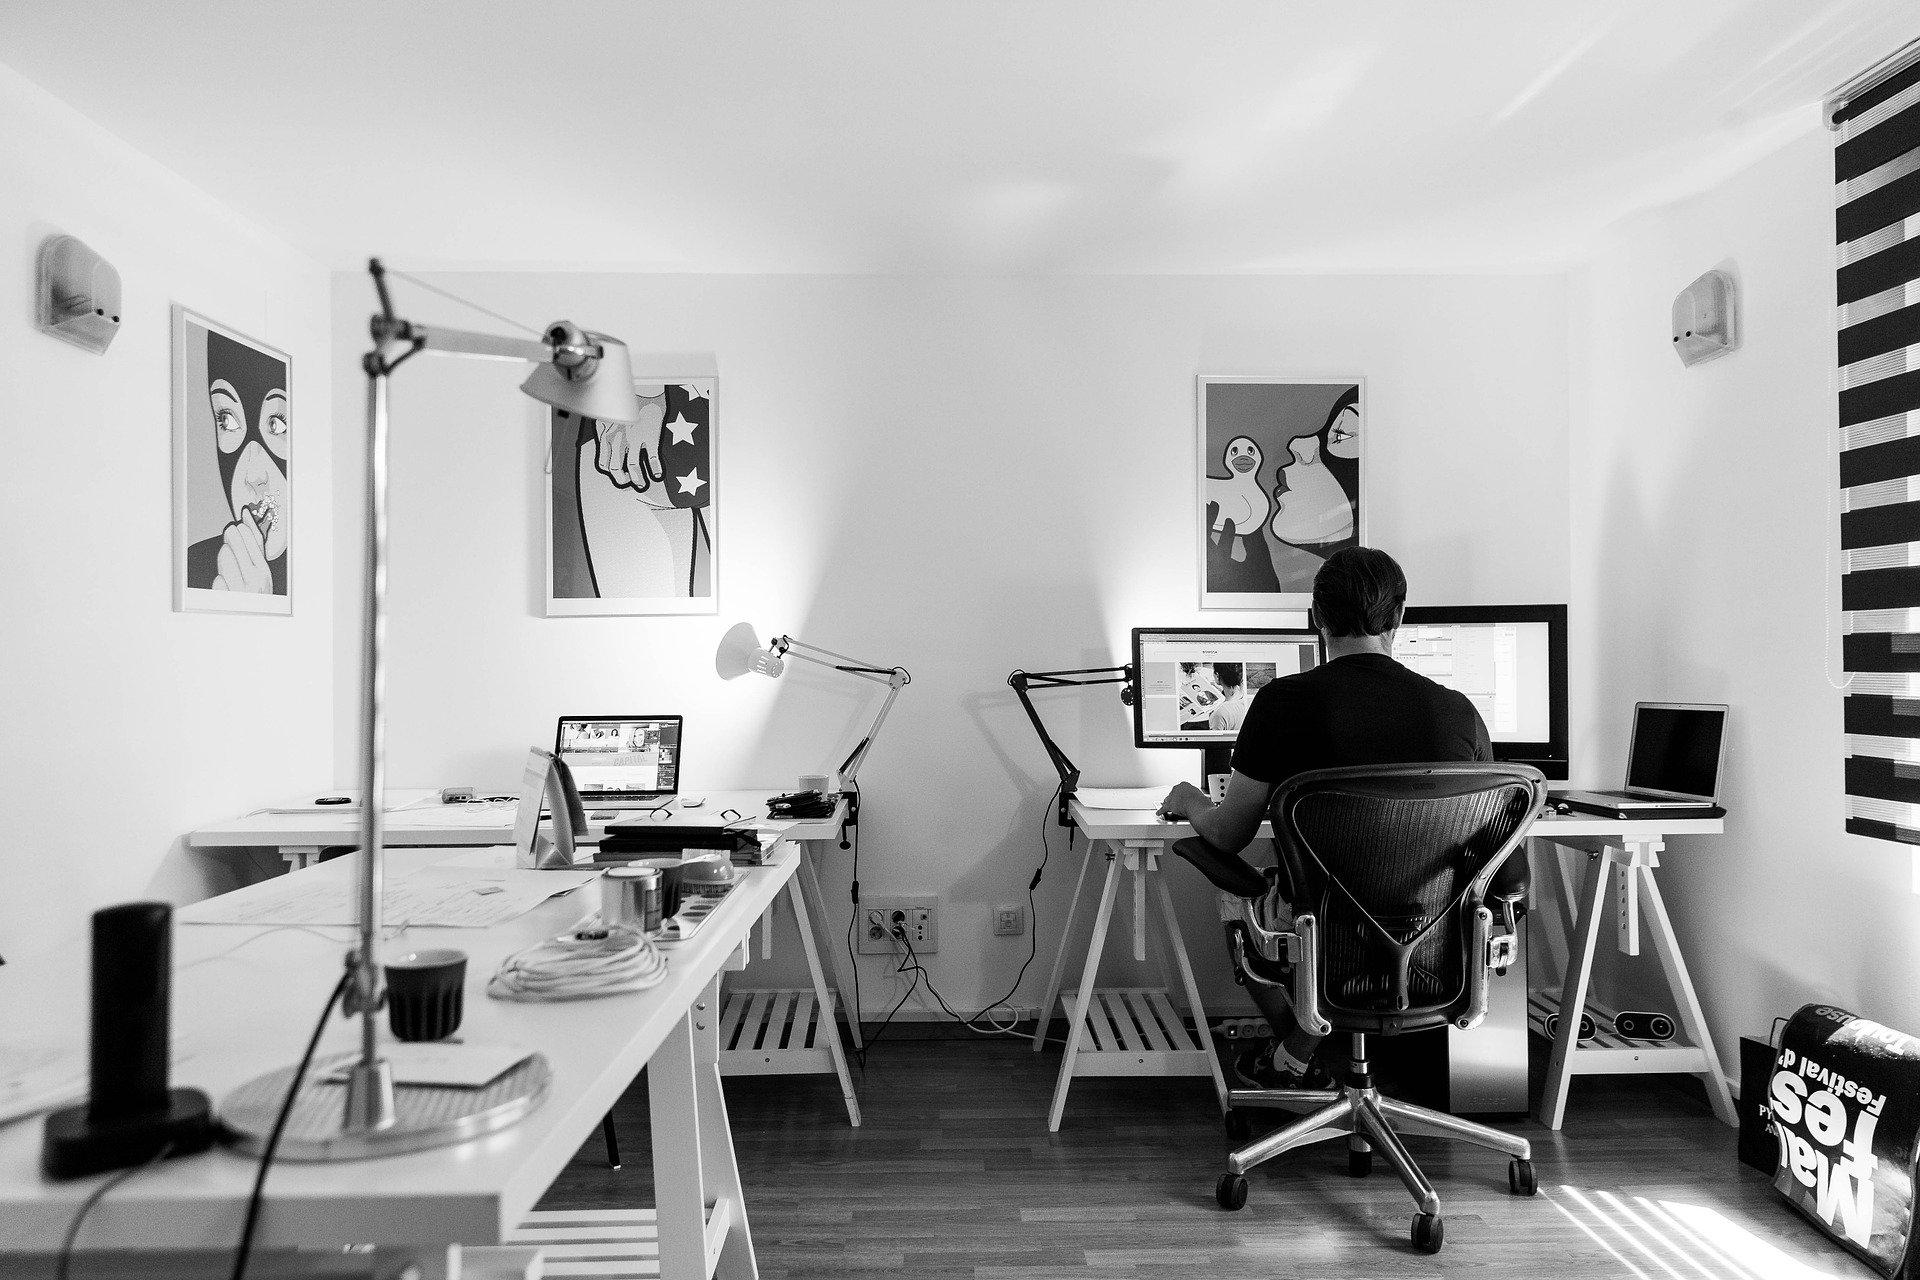 Arbeitsplatz in einer Agentur